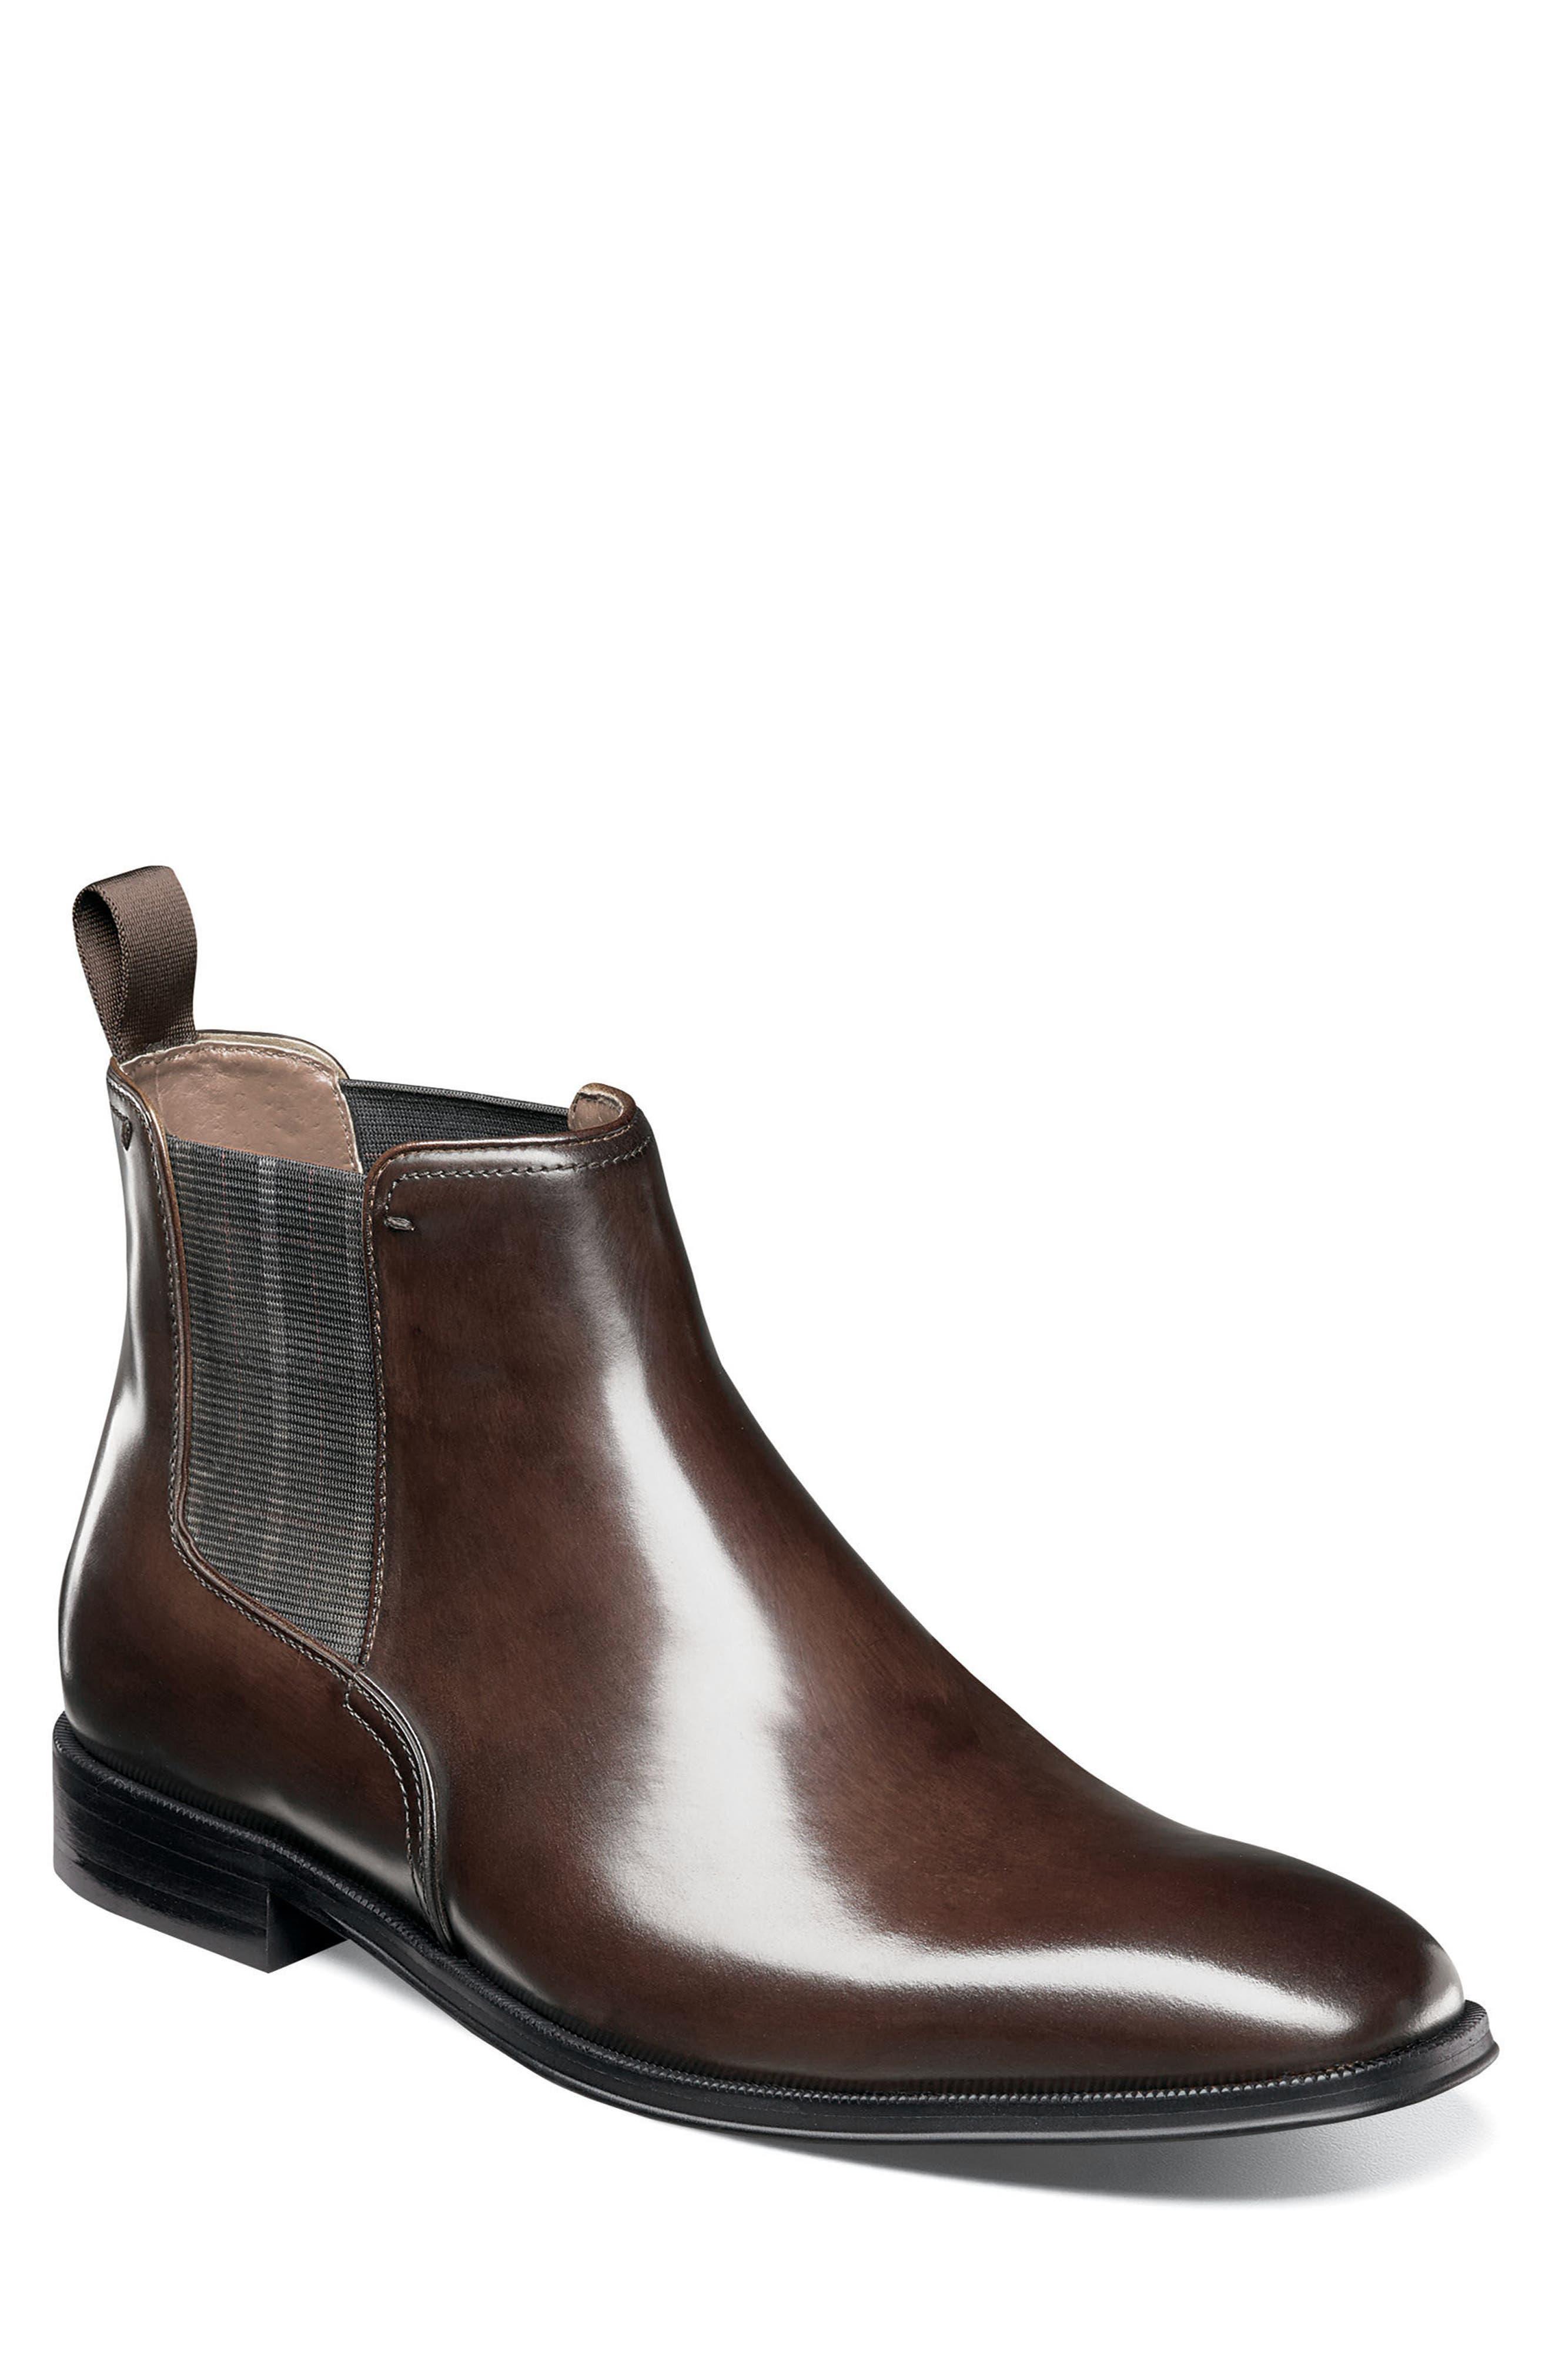 Main Image - Florsheim Belfast Chelsea Boot (Men)